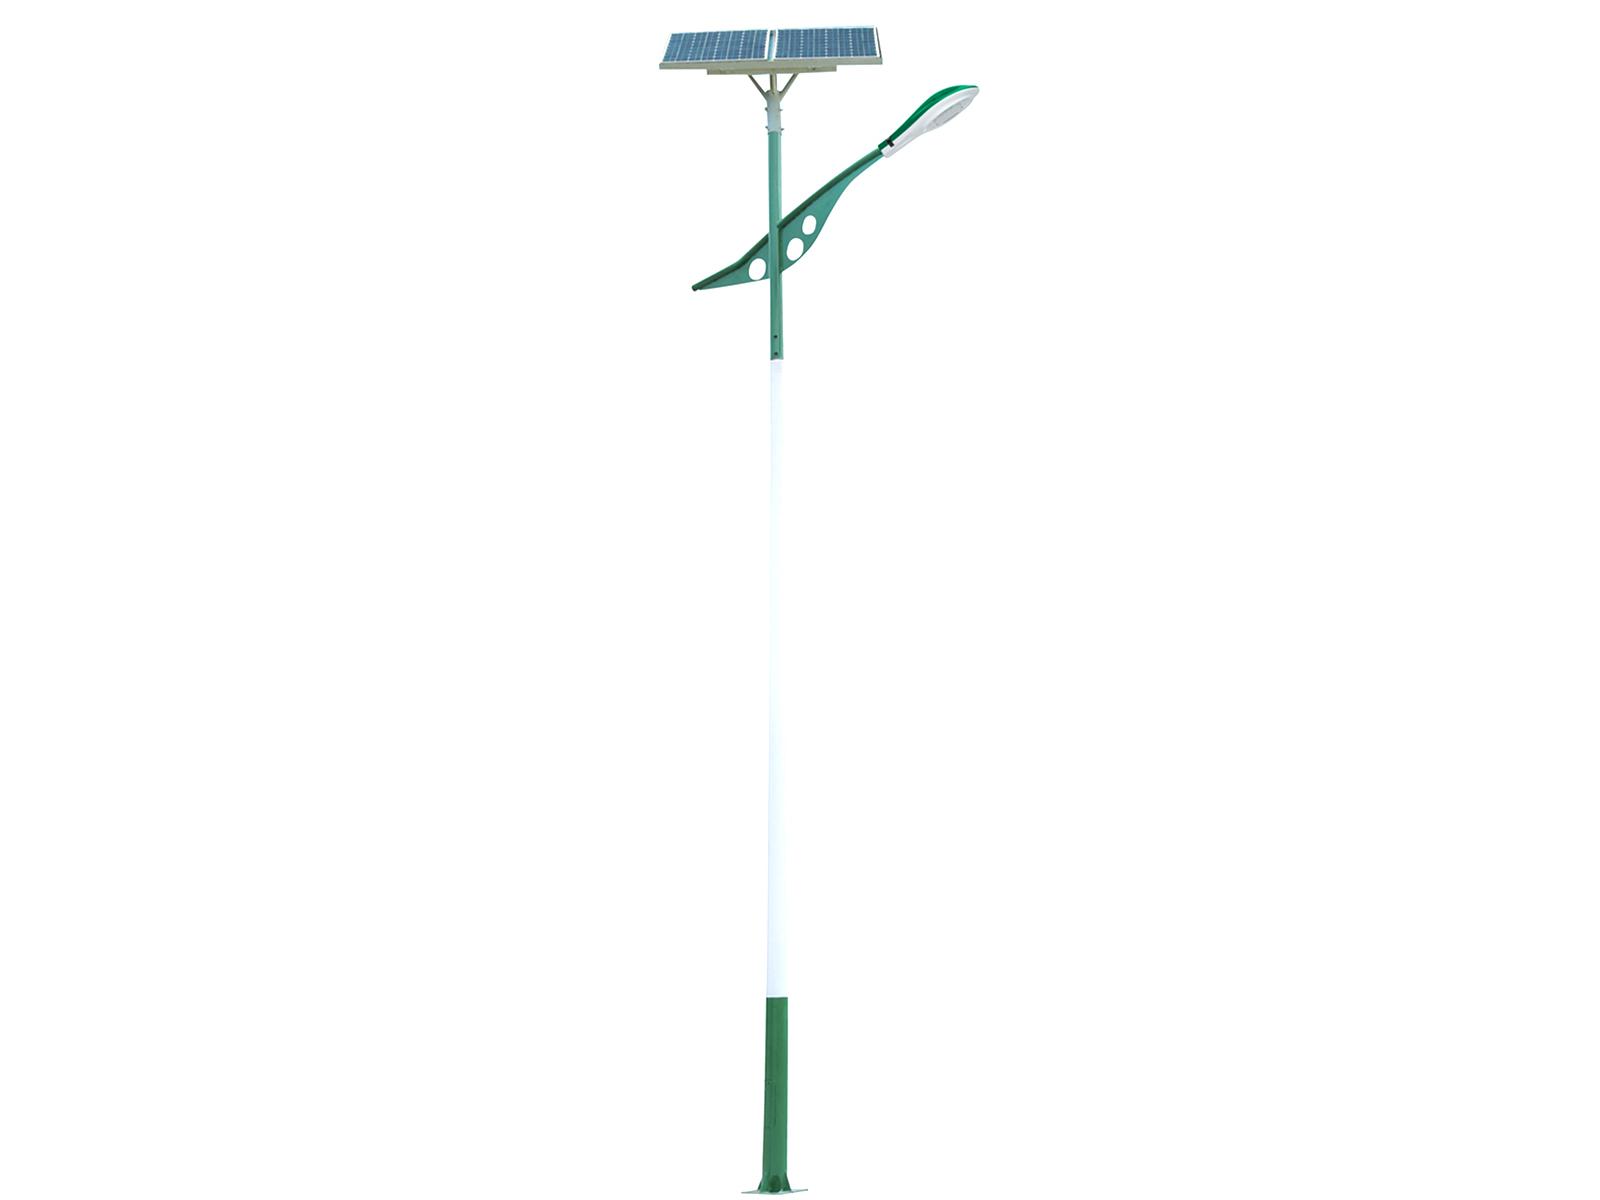 6米太阳能路灯_30W太阳能路灯_太阳能路灯报价